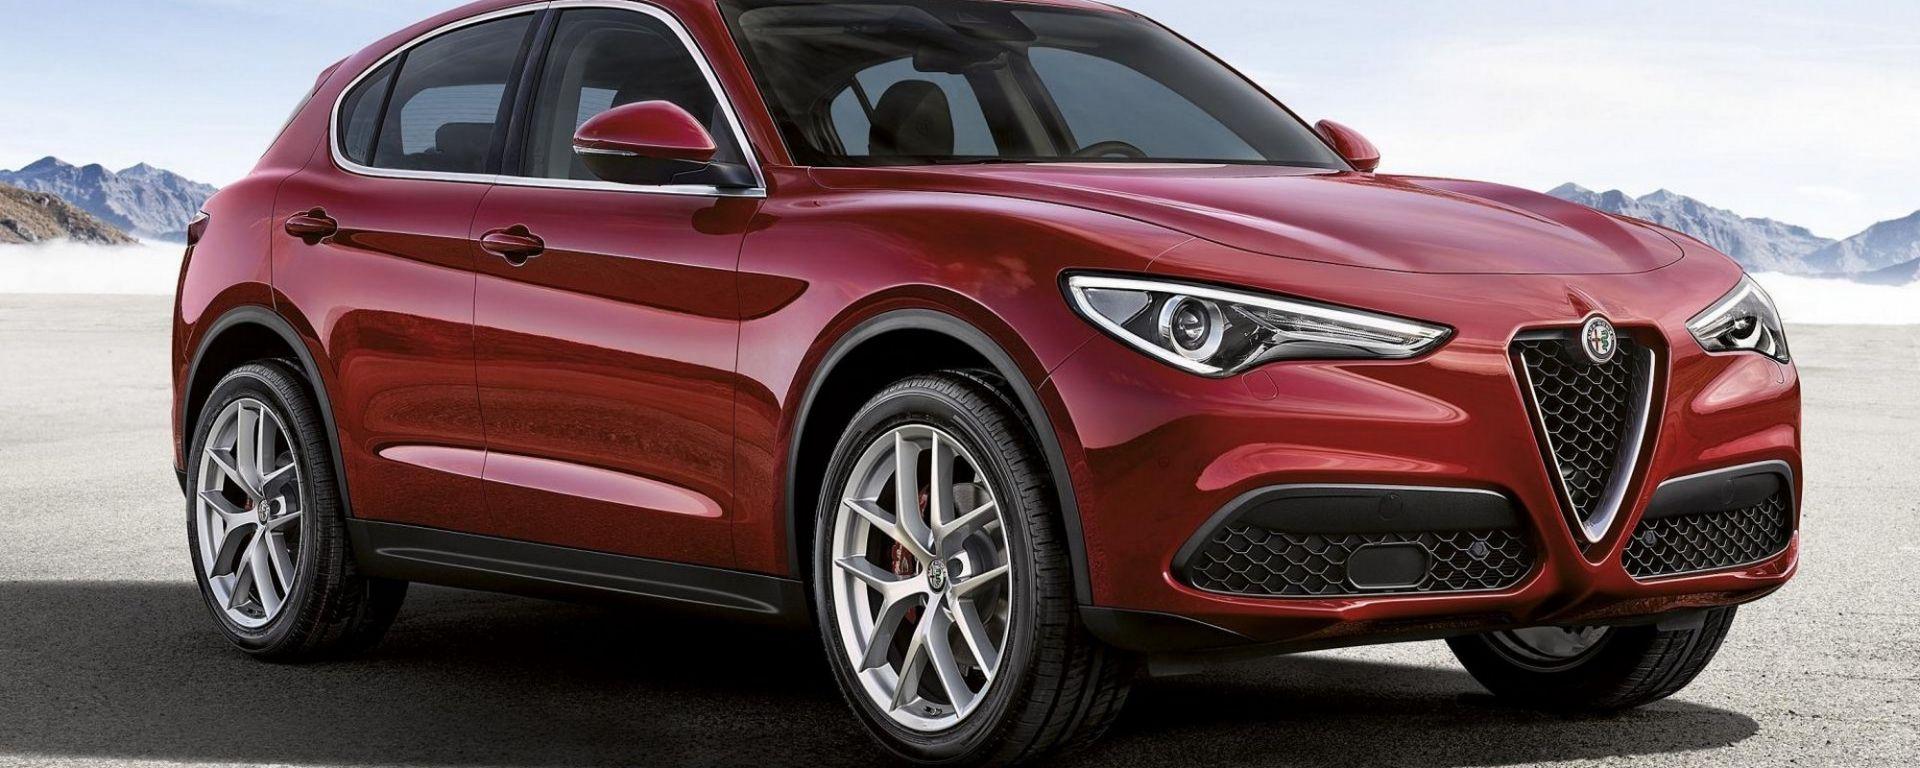 Alfa Romeo Suv >> Alfa Romeo Stelvio MY 2019, novità per motori diesel e listino prezzi - MotorBox